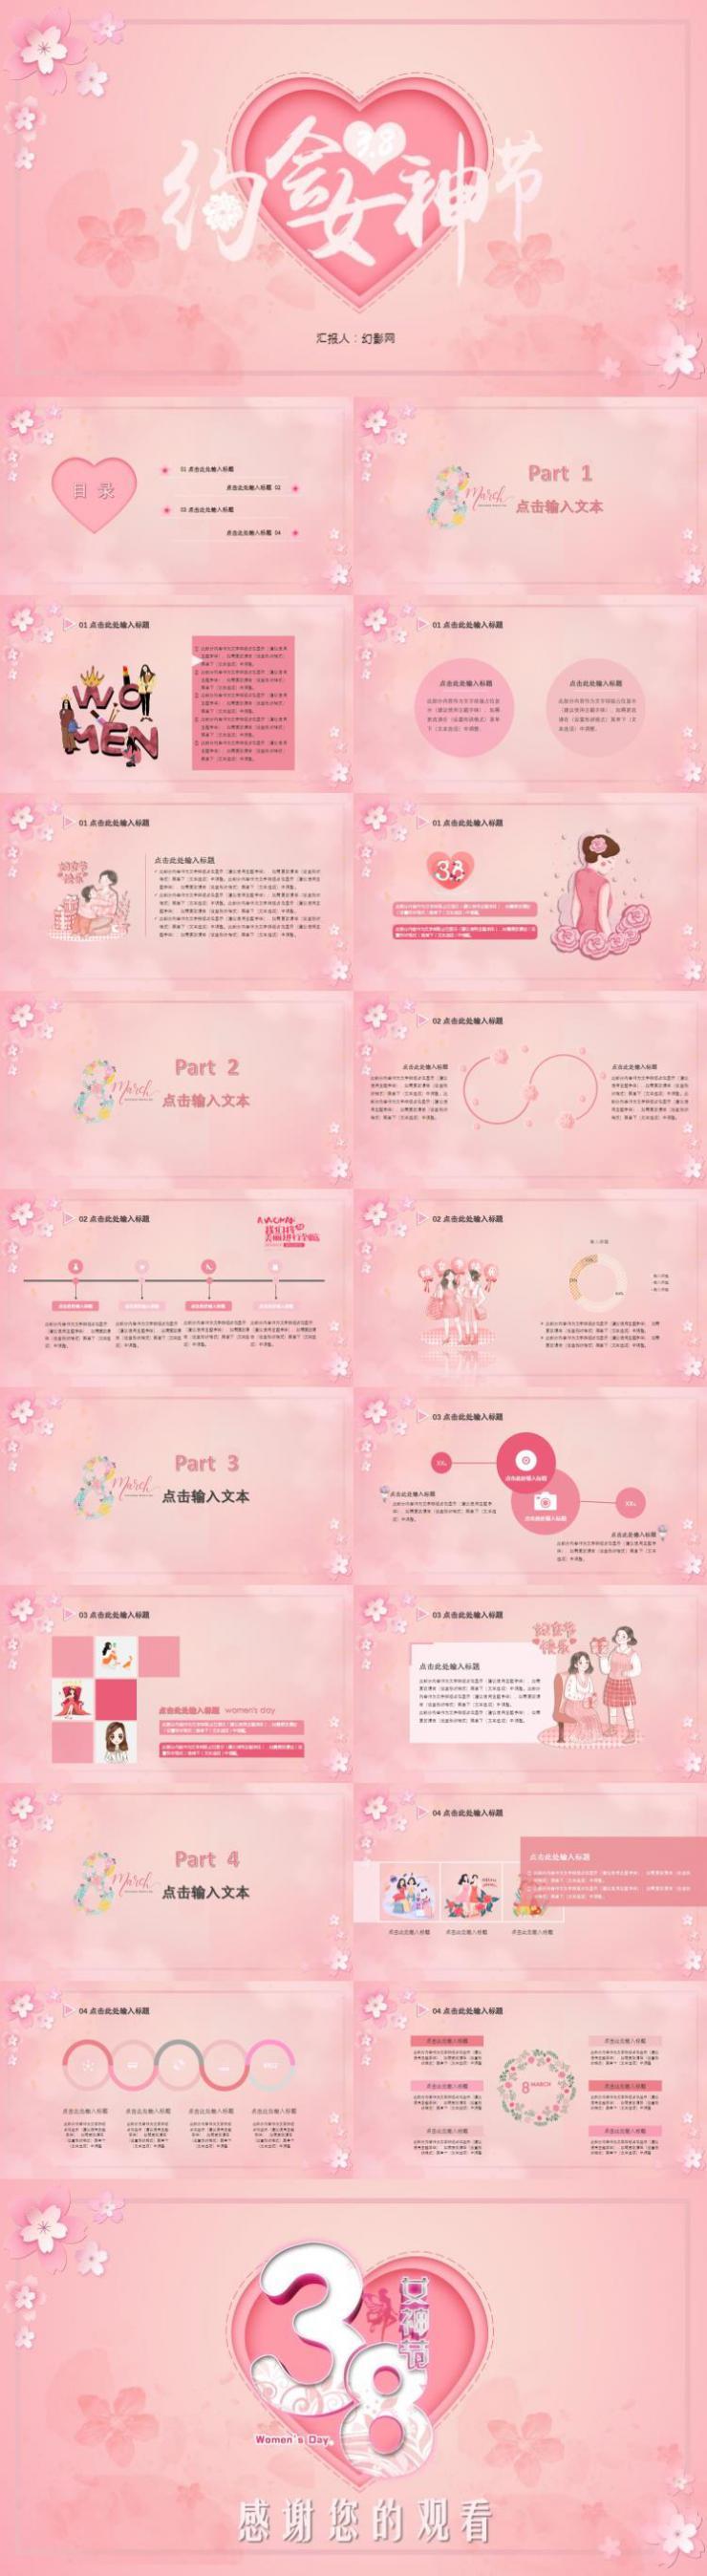 妇女节女王节活动工作总结粉色PPT模板